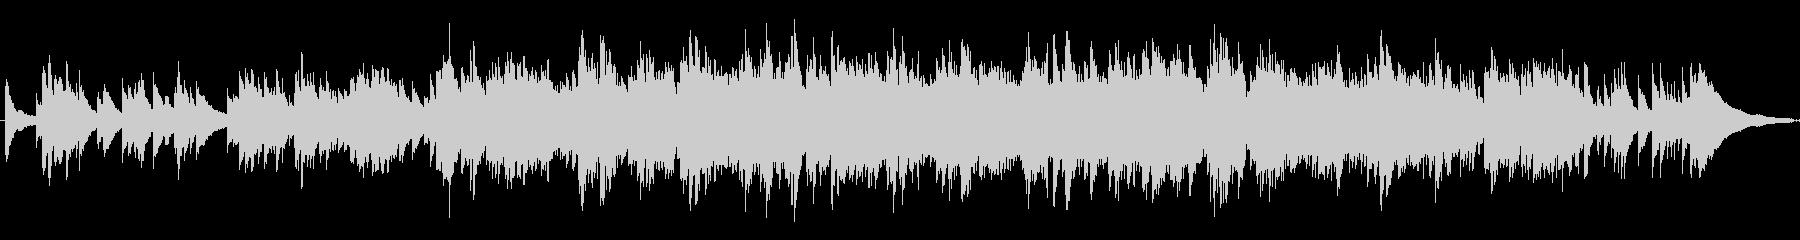 バロックの曲調の未再生の波形